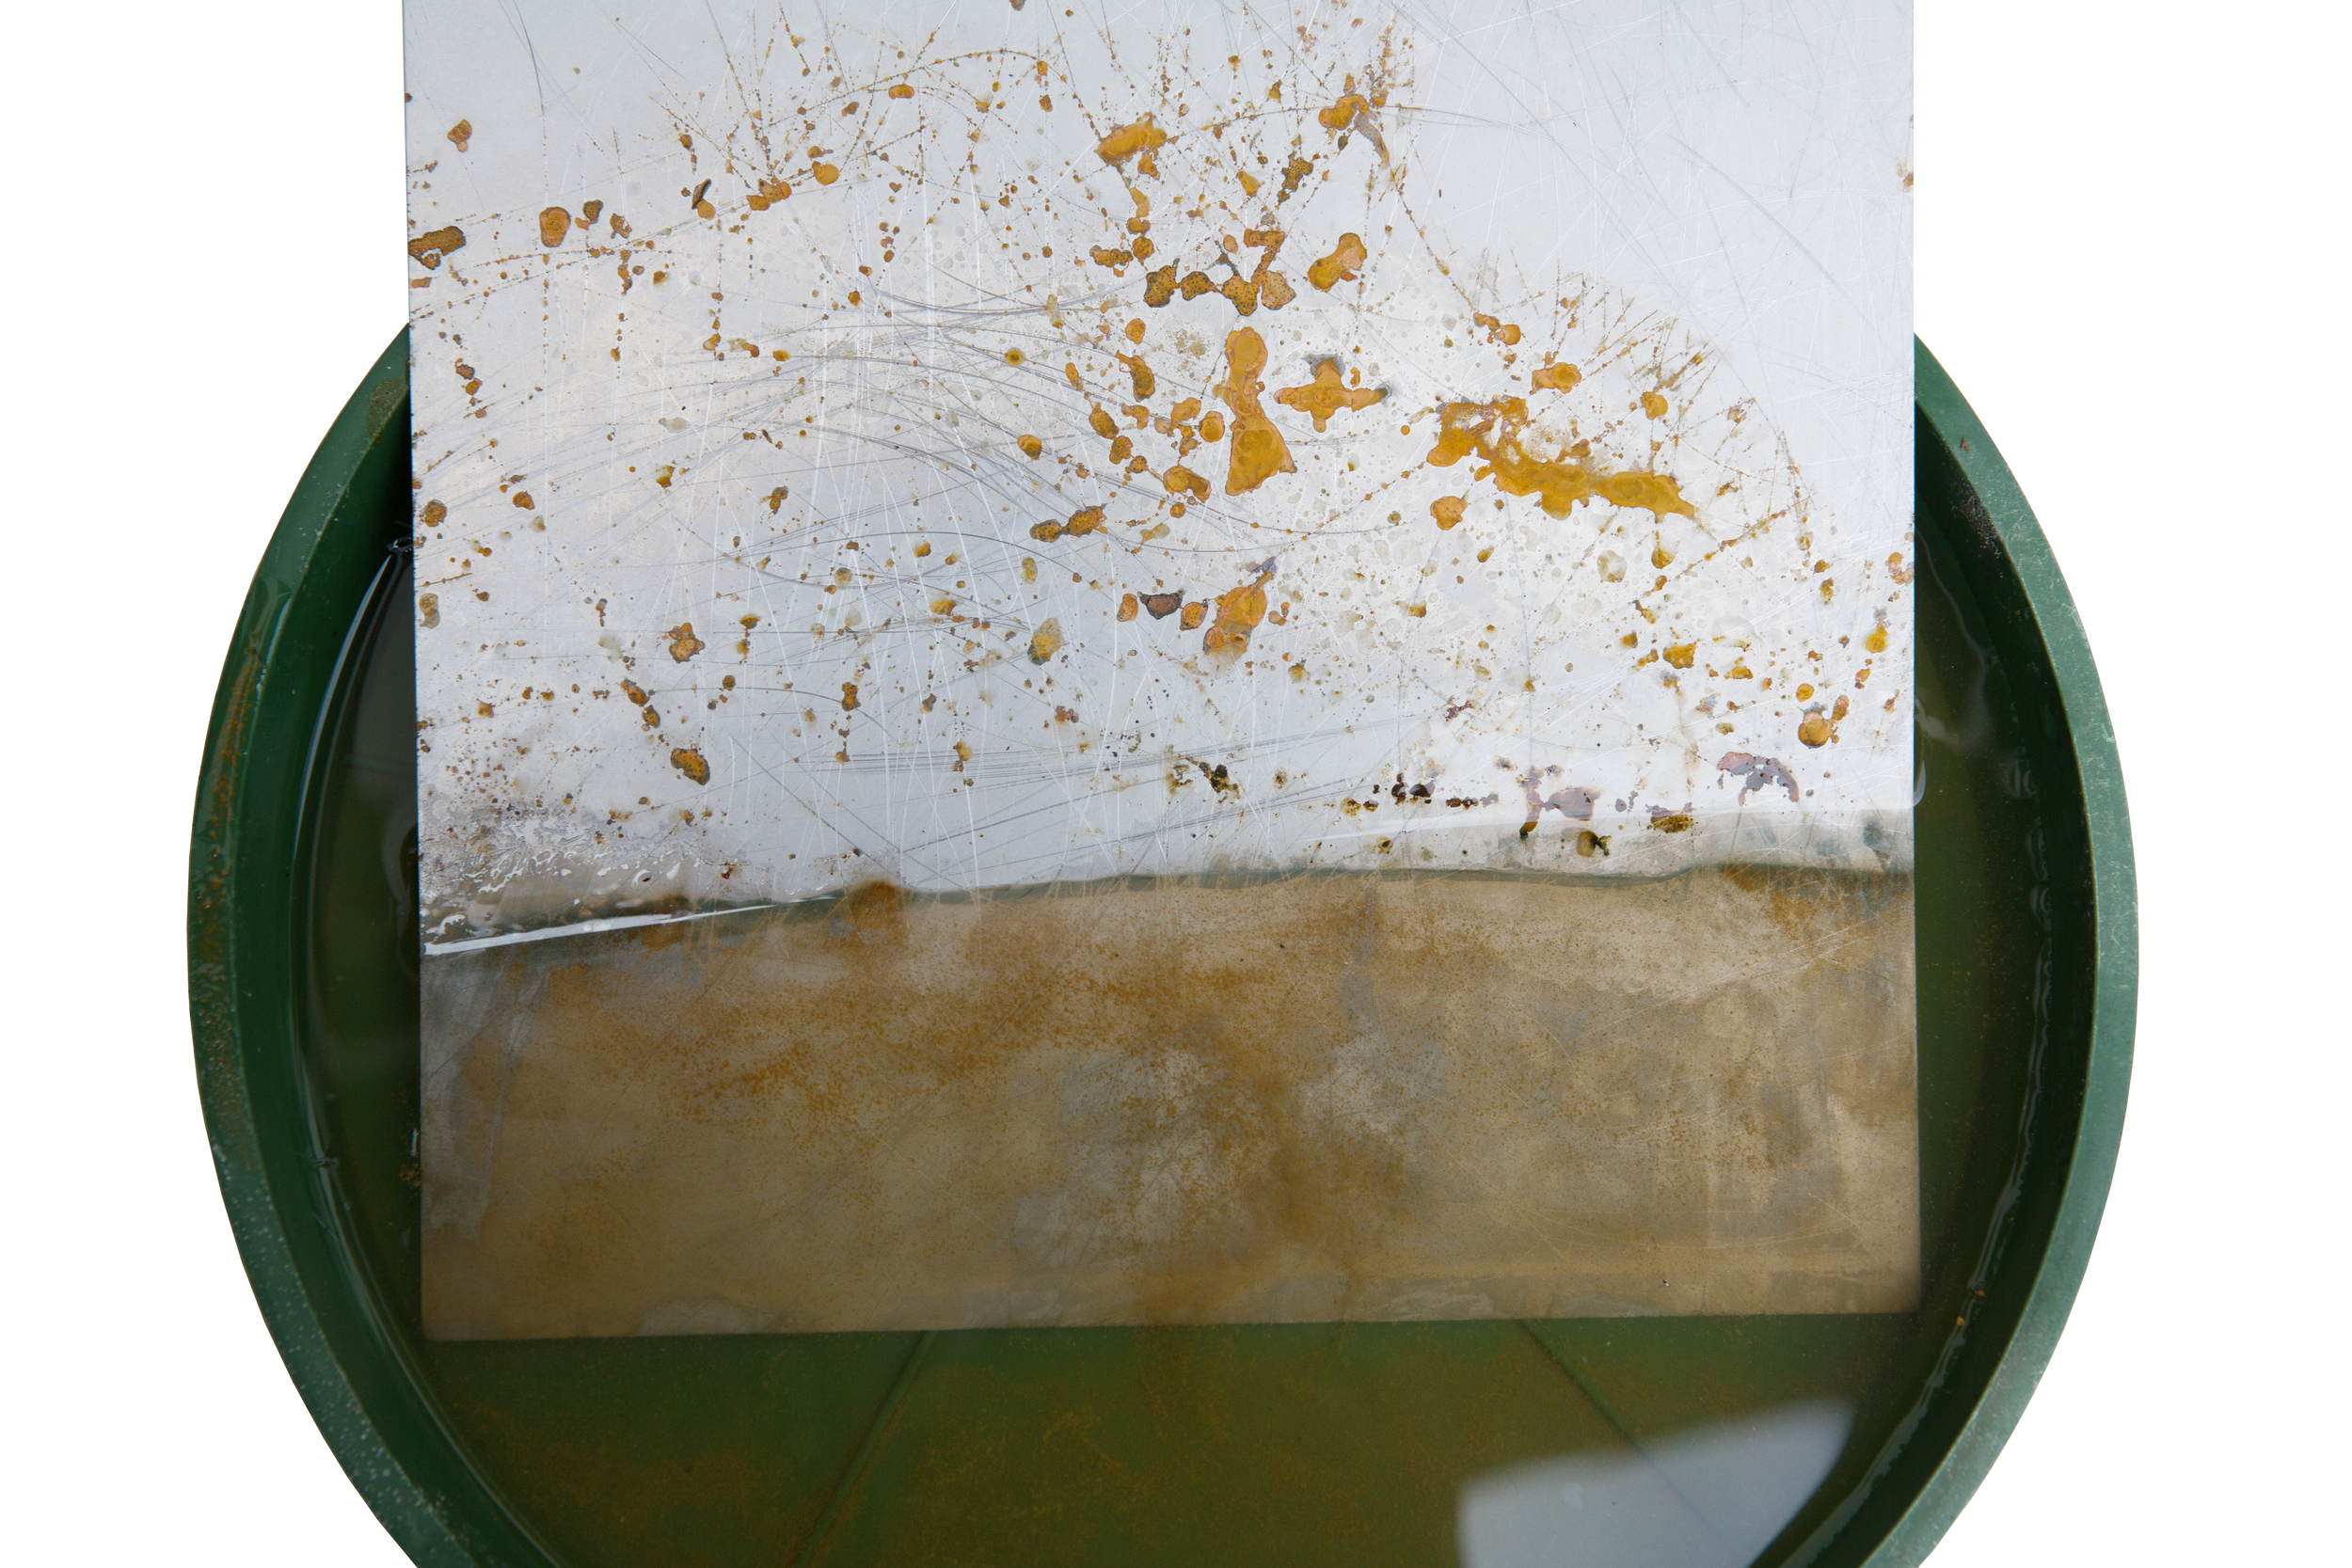 Unsere erste Test-Stahlplatte nach 24 Stunden im Salzwasser